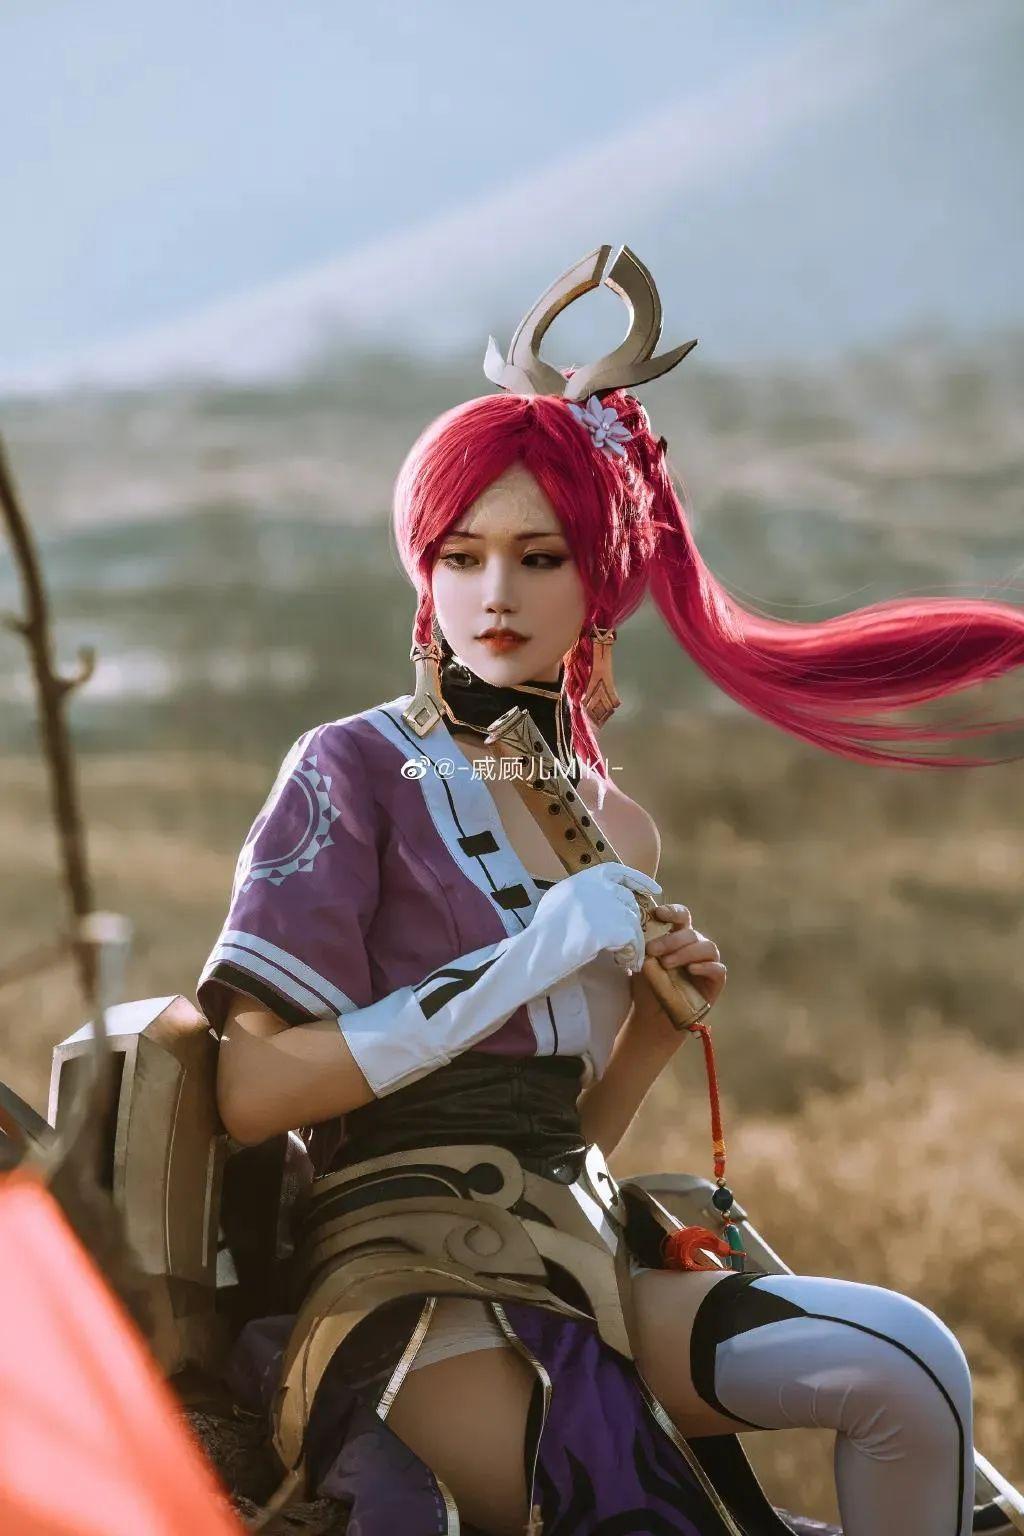 Cosplay – 王者荣耀 伽罗,千窟为佑,太平无忧~_图片 No.8